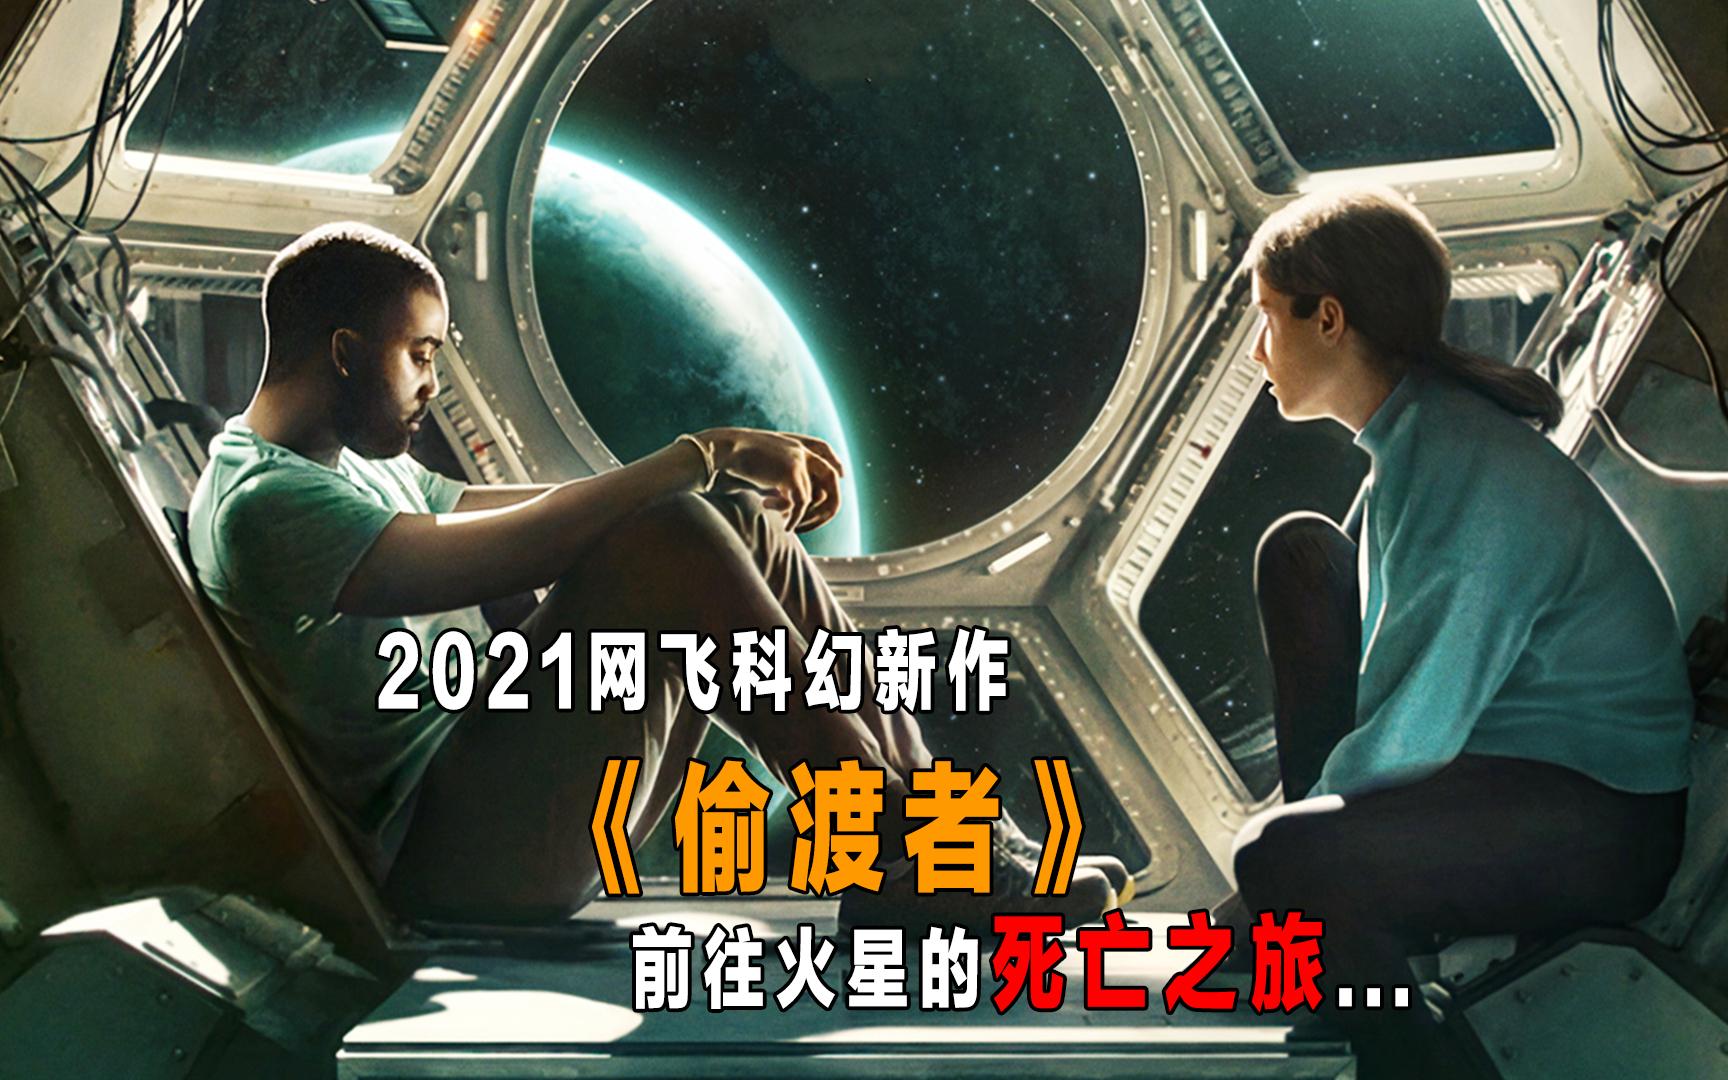 13分钟看完2021网飞科幻新作《偷渡者》,精雕细琢的生存悬疑片